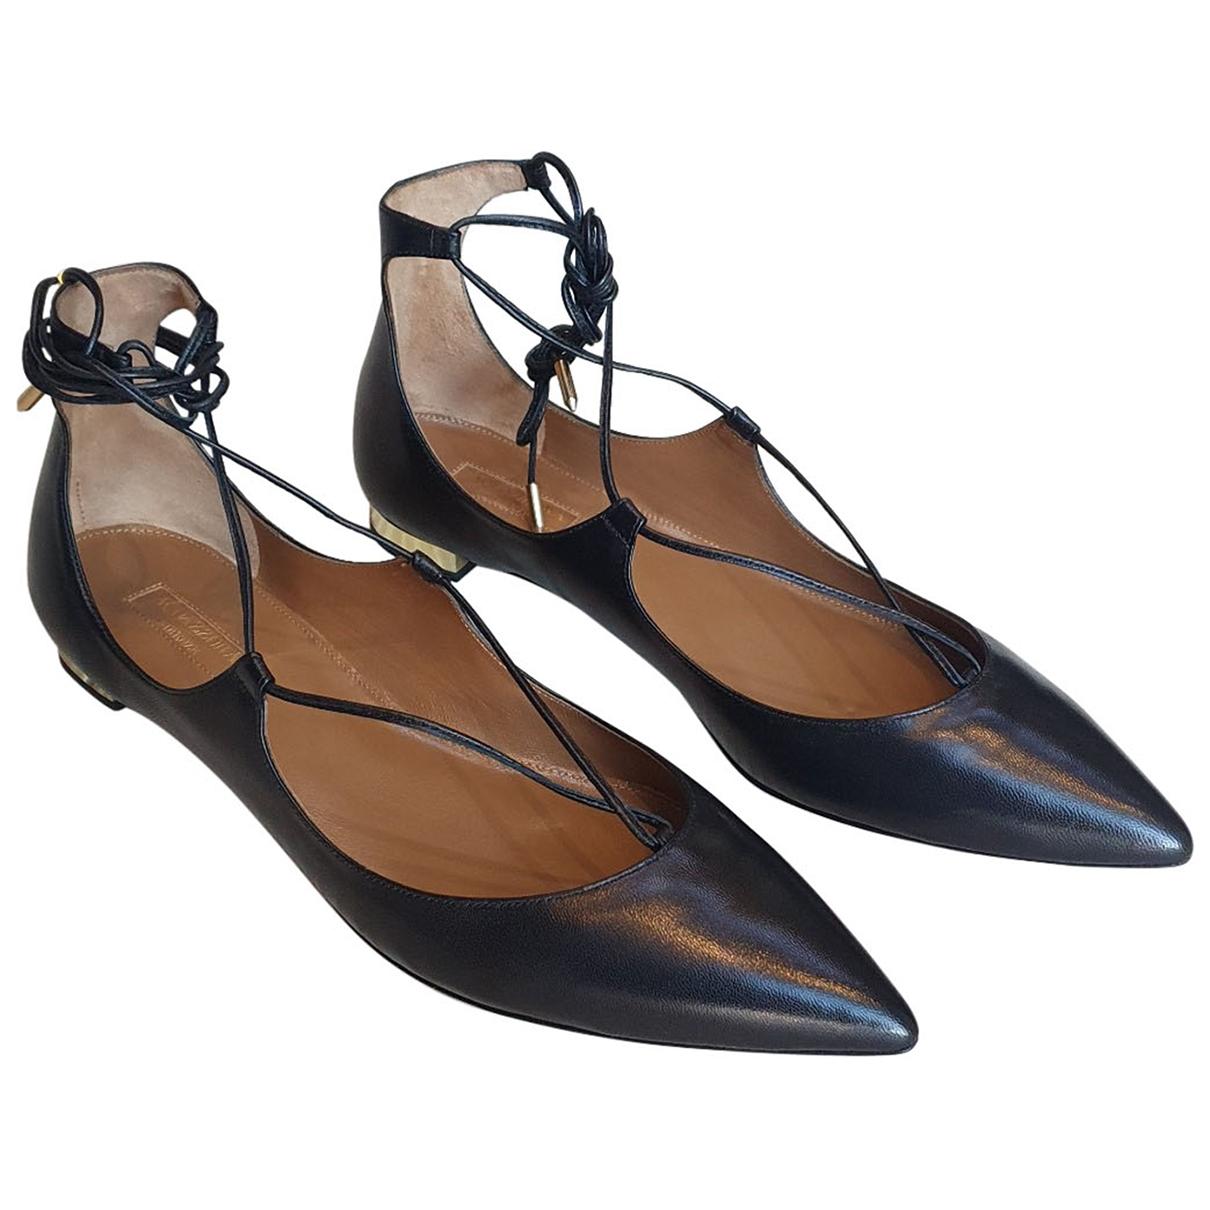 Aquazzura - Ballerines   pour femme en cuir - noir